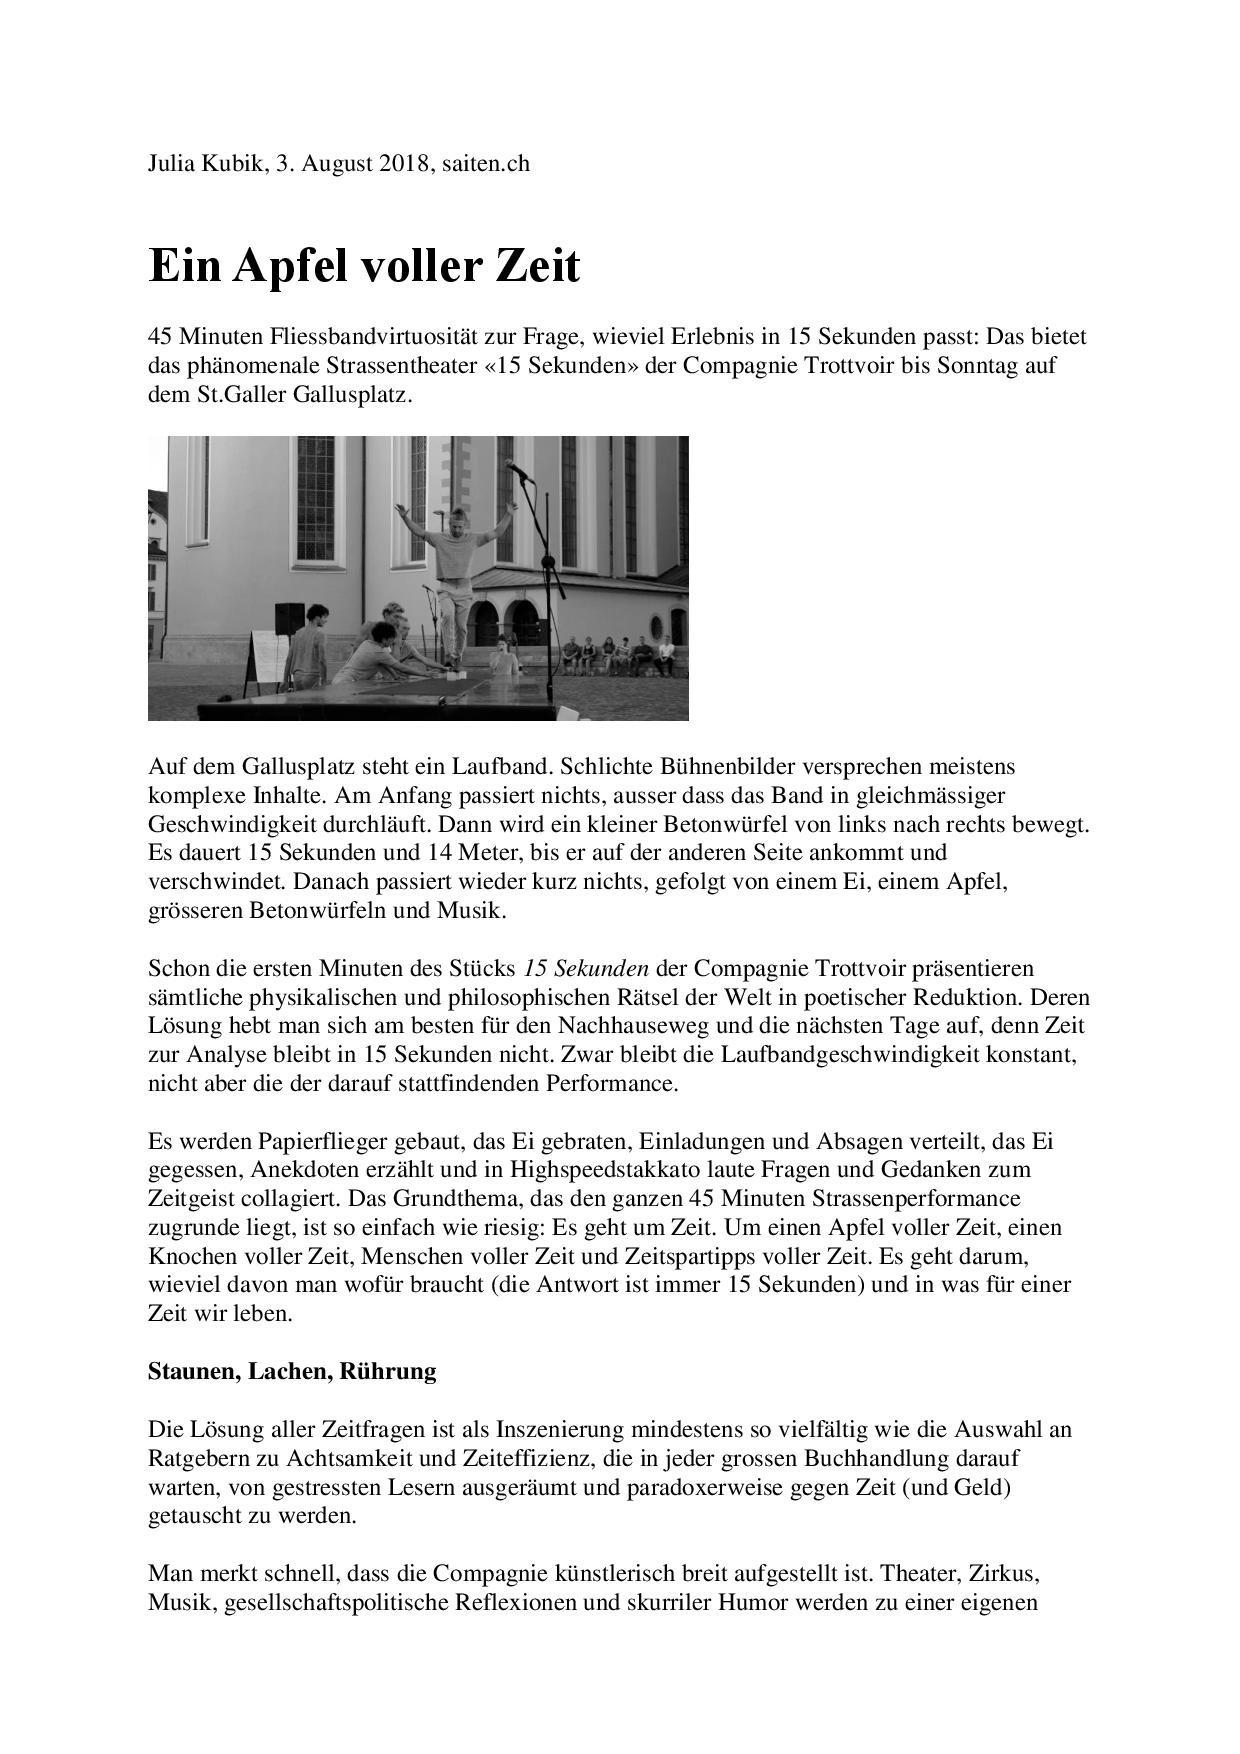 https://www.saiten.ch/ein-apfel-voller-zeit/ Seite 1